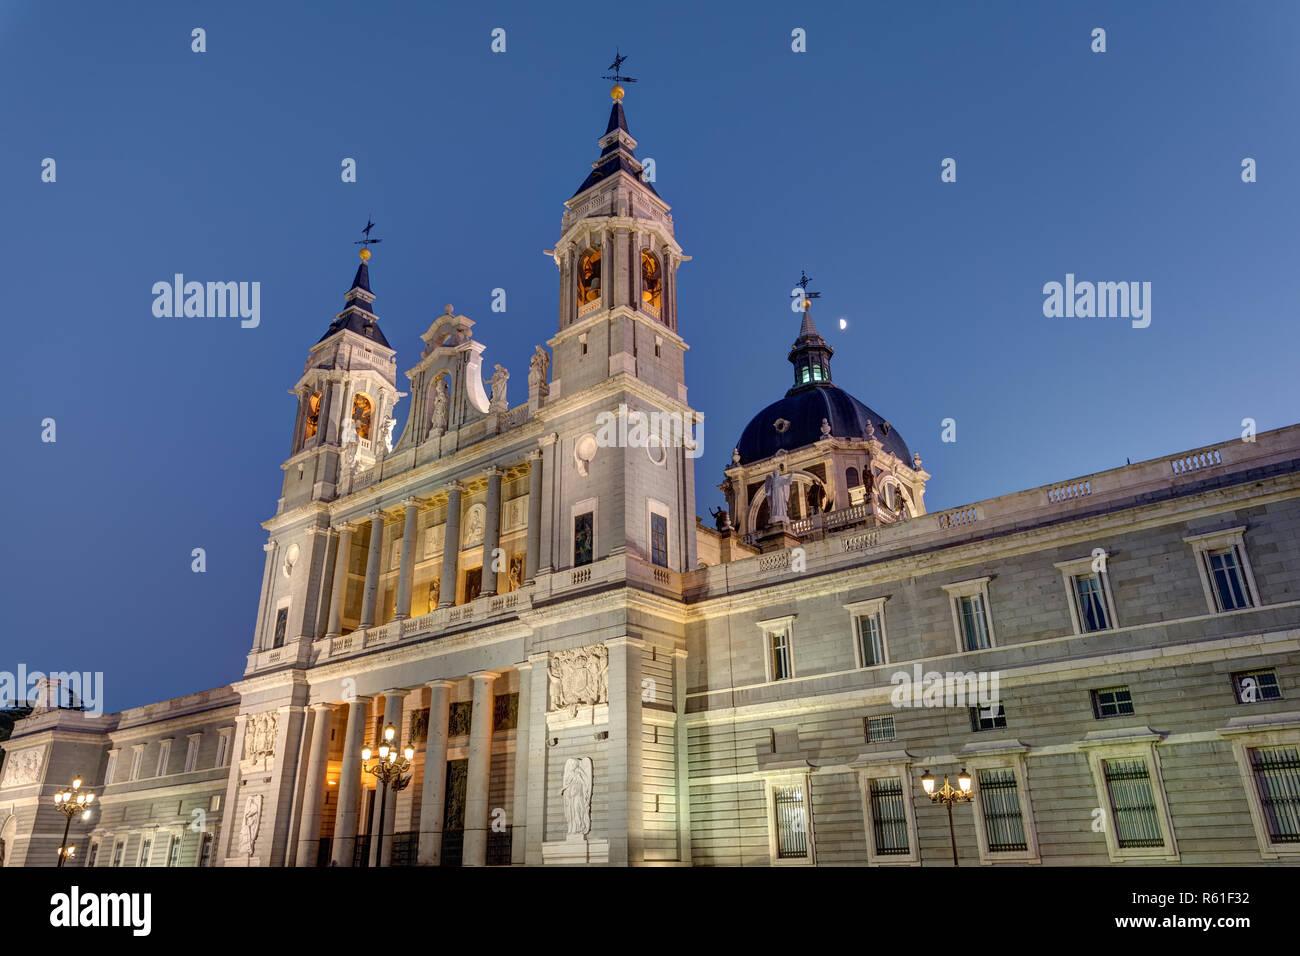 Die Almudena Kathedrale von Madrid in der Dämmerung Stock Photo